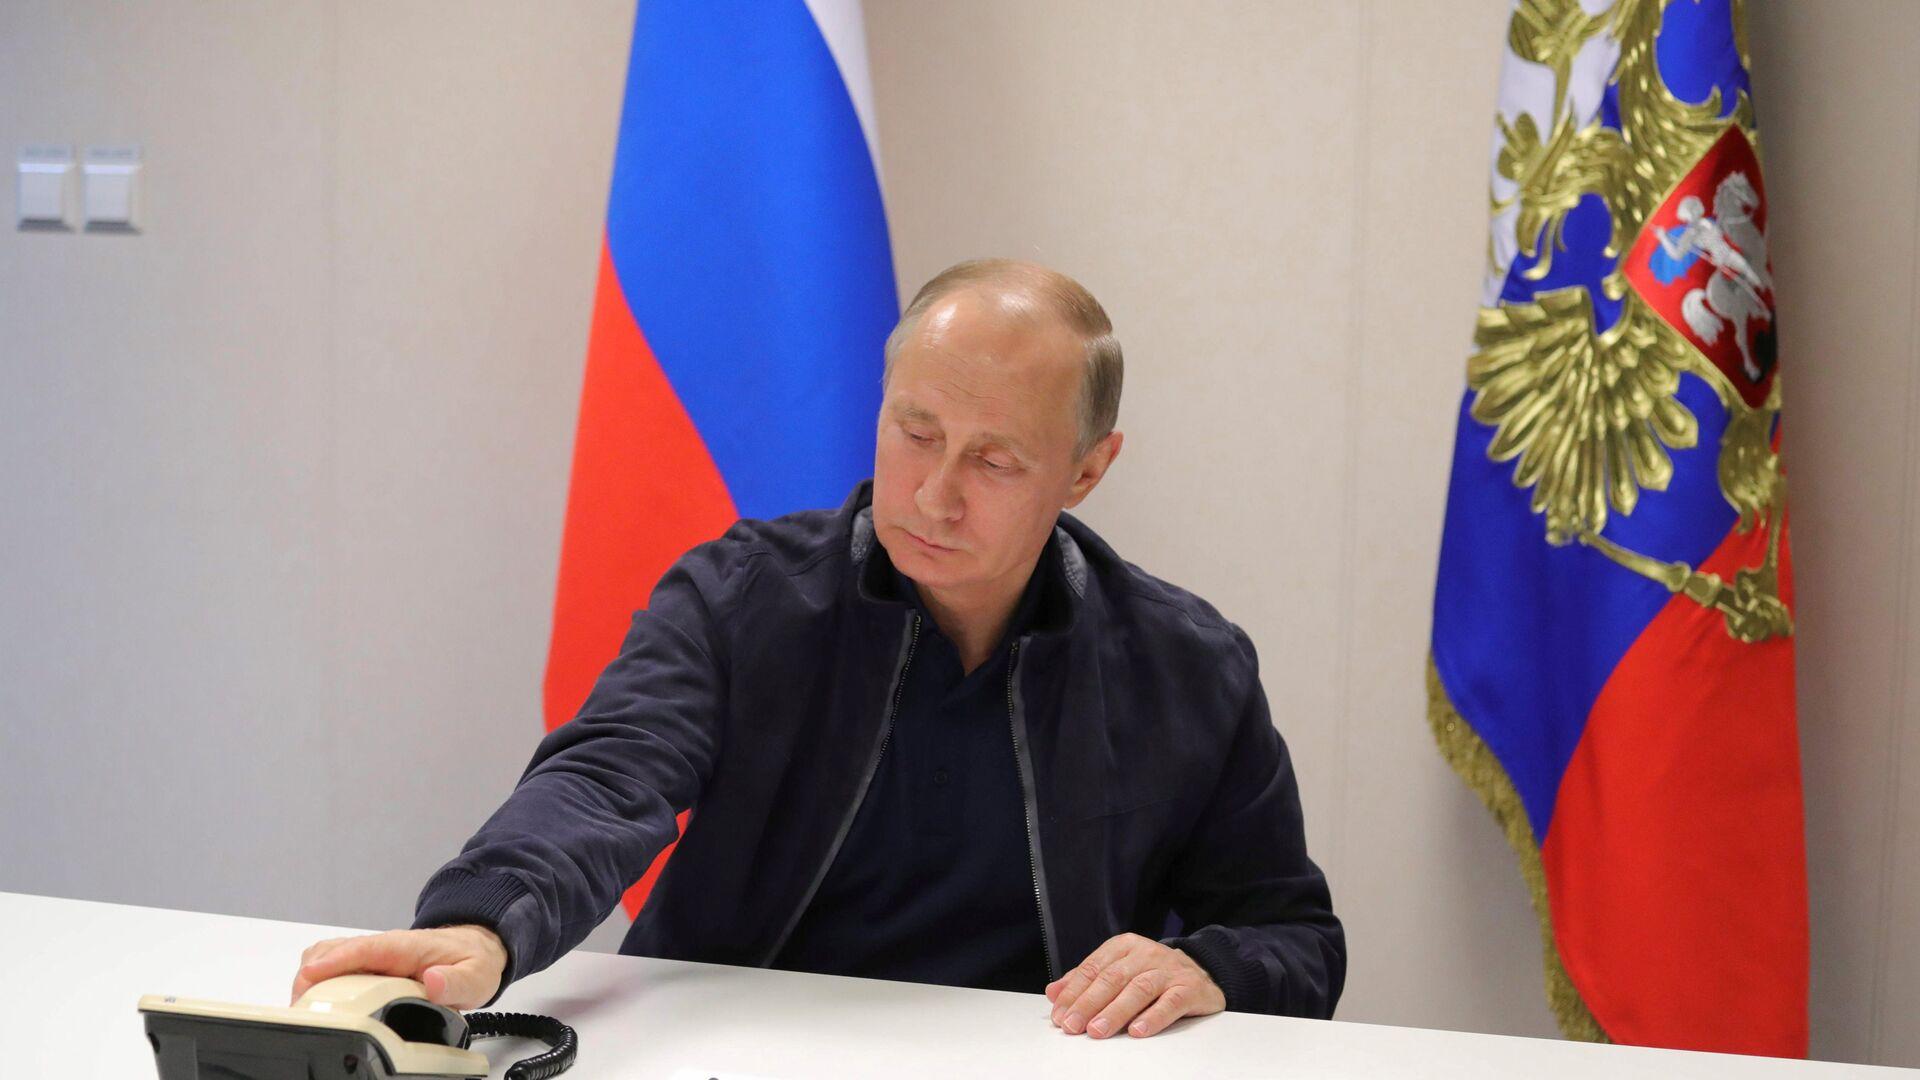 Председник Русије Владимир Путин након разговора са председником Турске Реџепом Тајипом Ердоганом  - Sputnik Србија, 1920, 21.07.2021